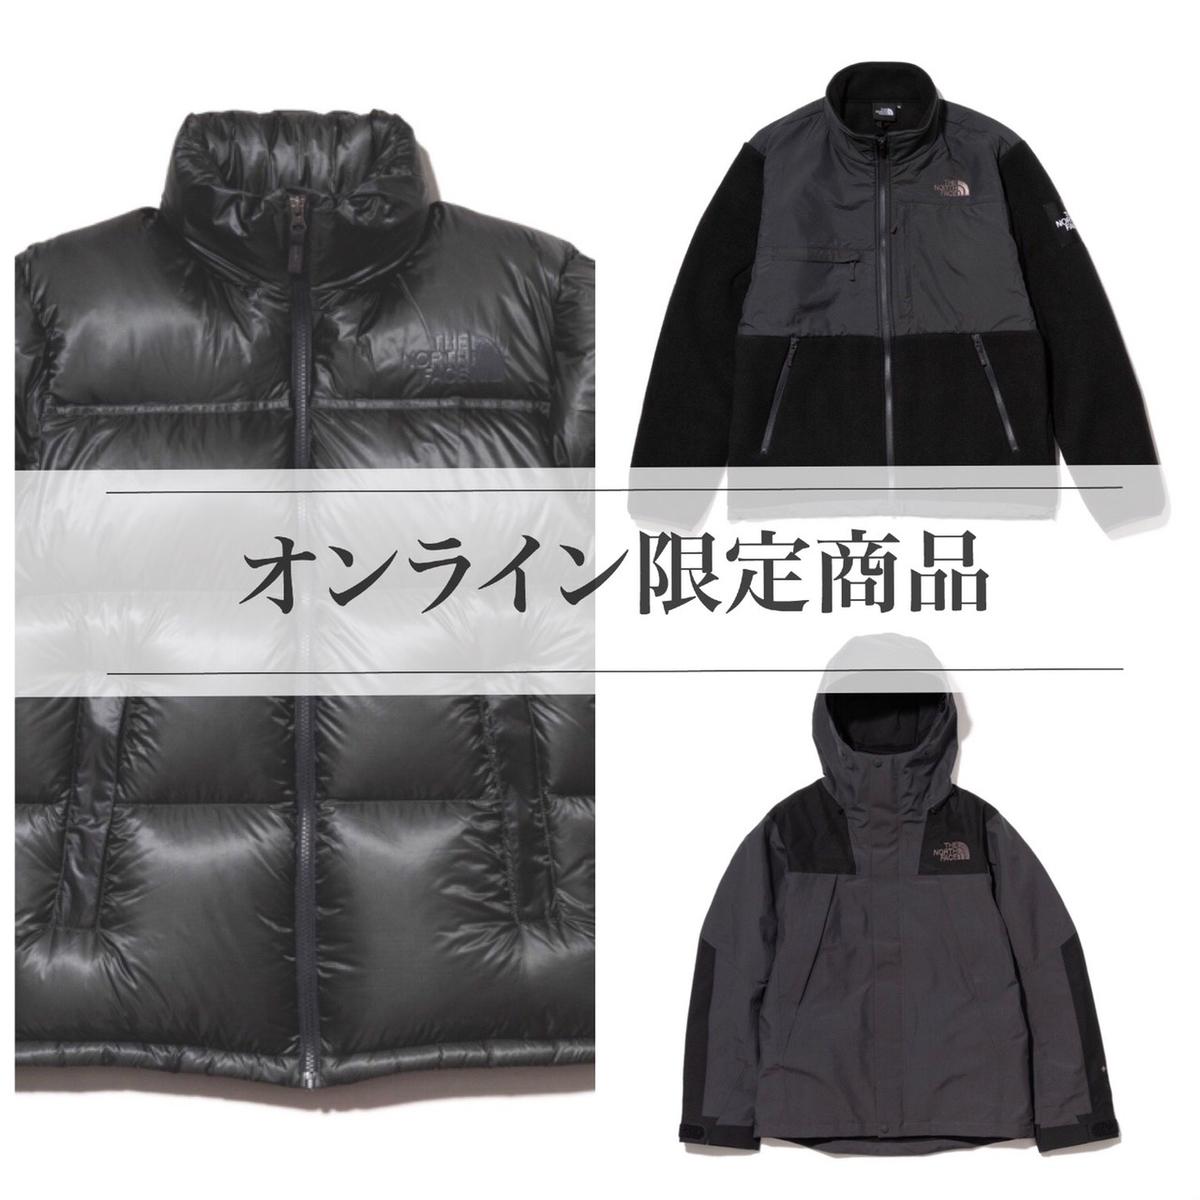 f:id:t-naito-tnf:20201210162823j:plain